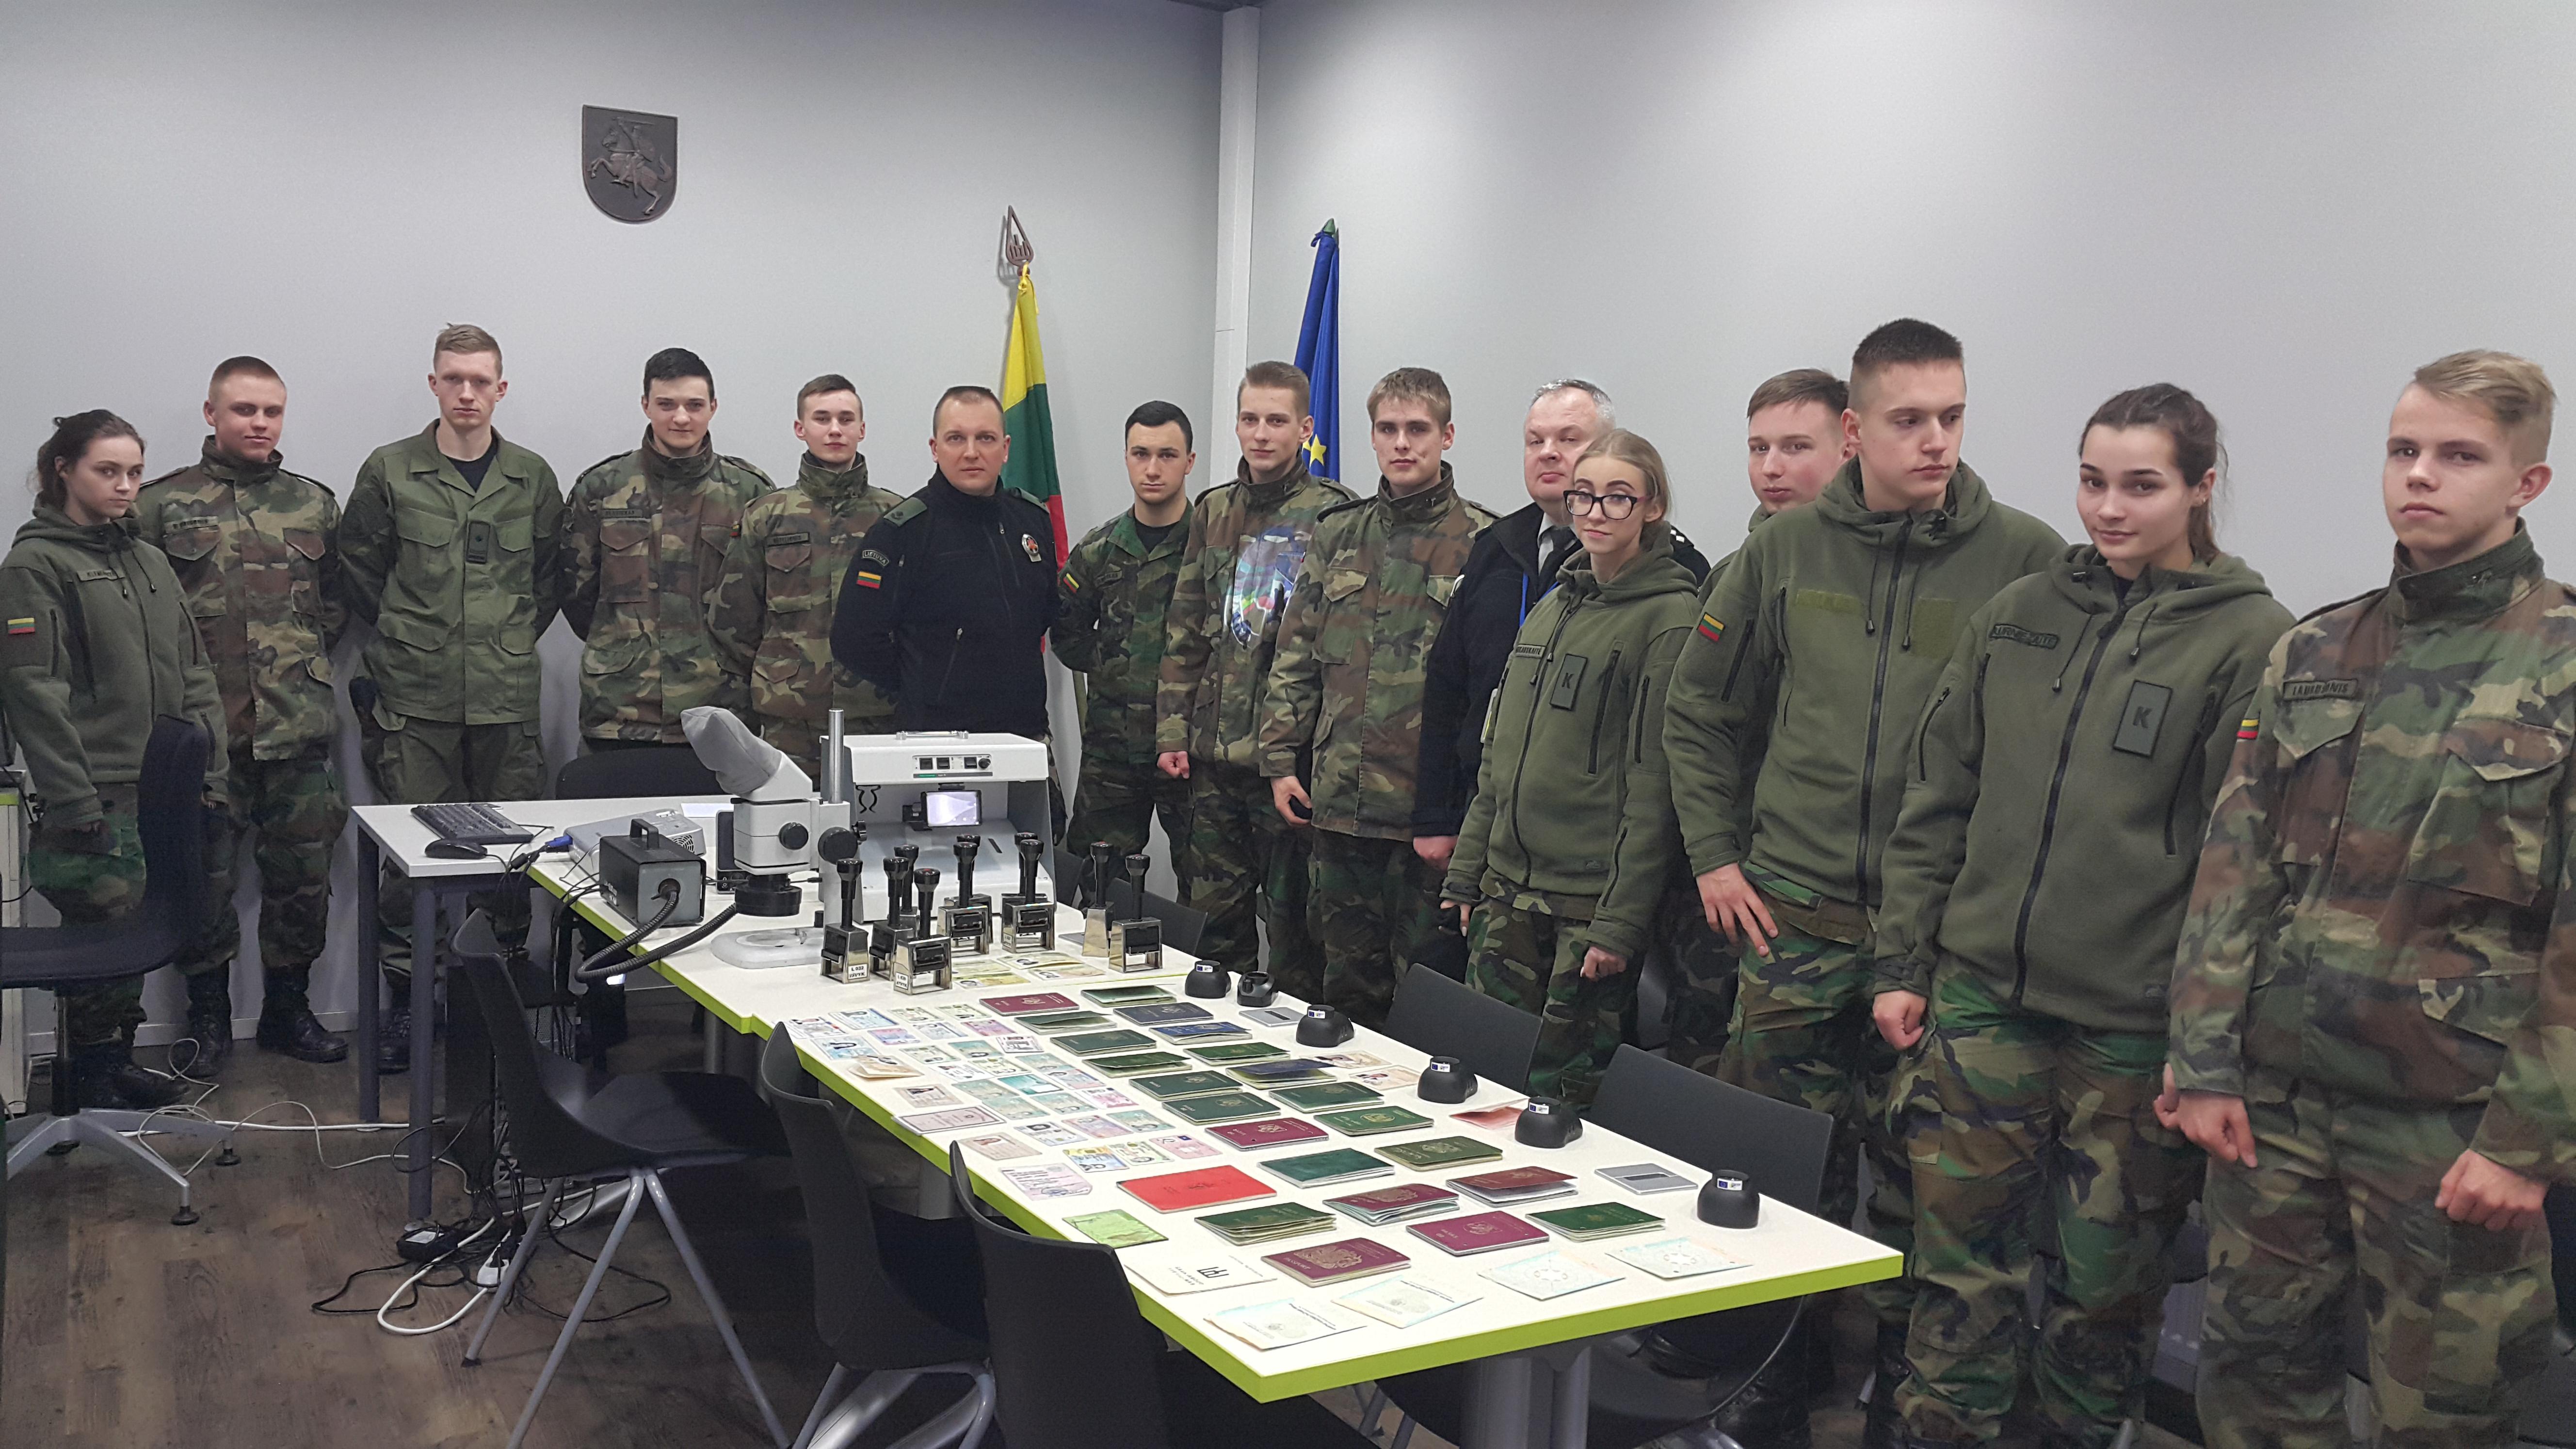 Kadetų licėjaus JPB lankėsi Kauno oro uosto pasienio kontrolės punkte